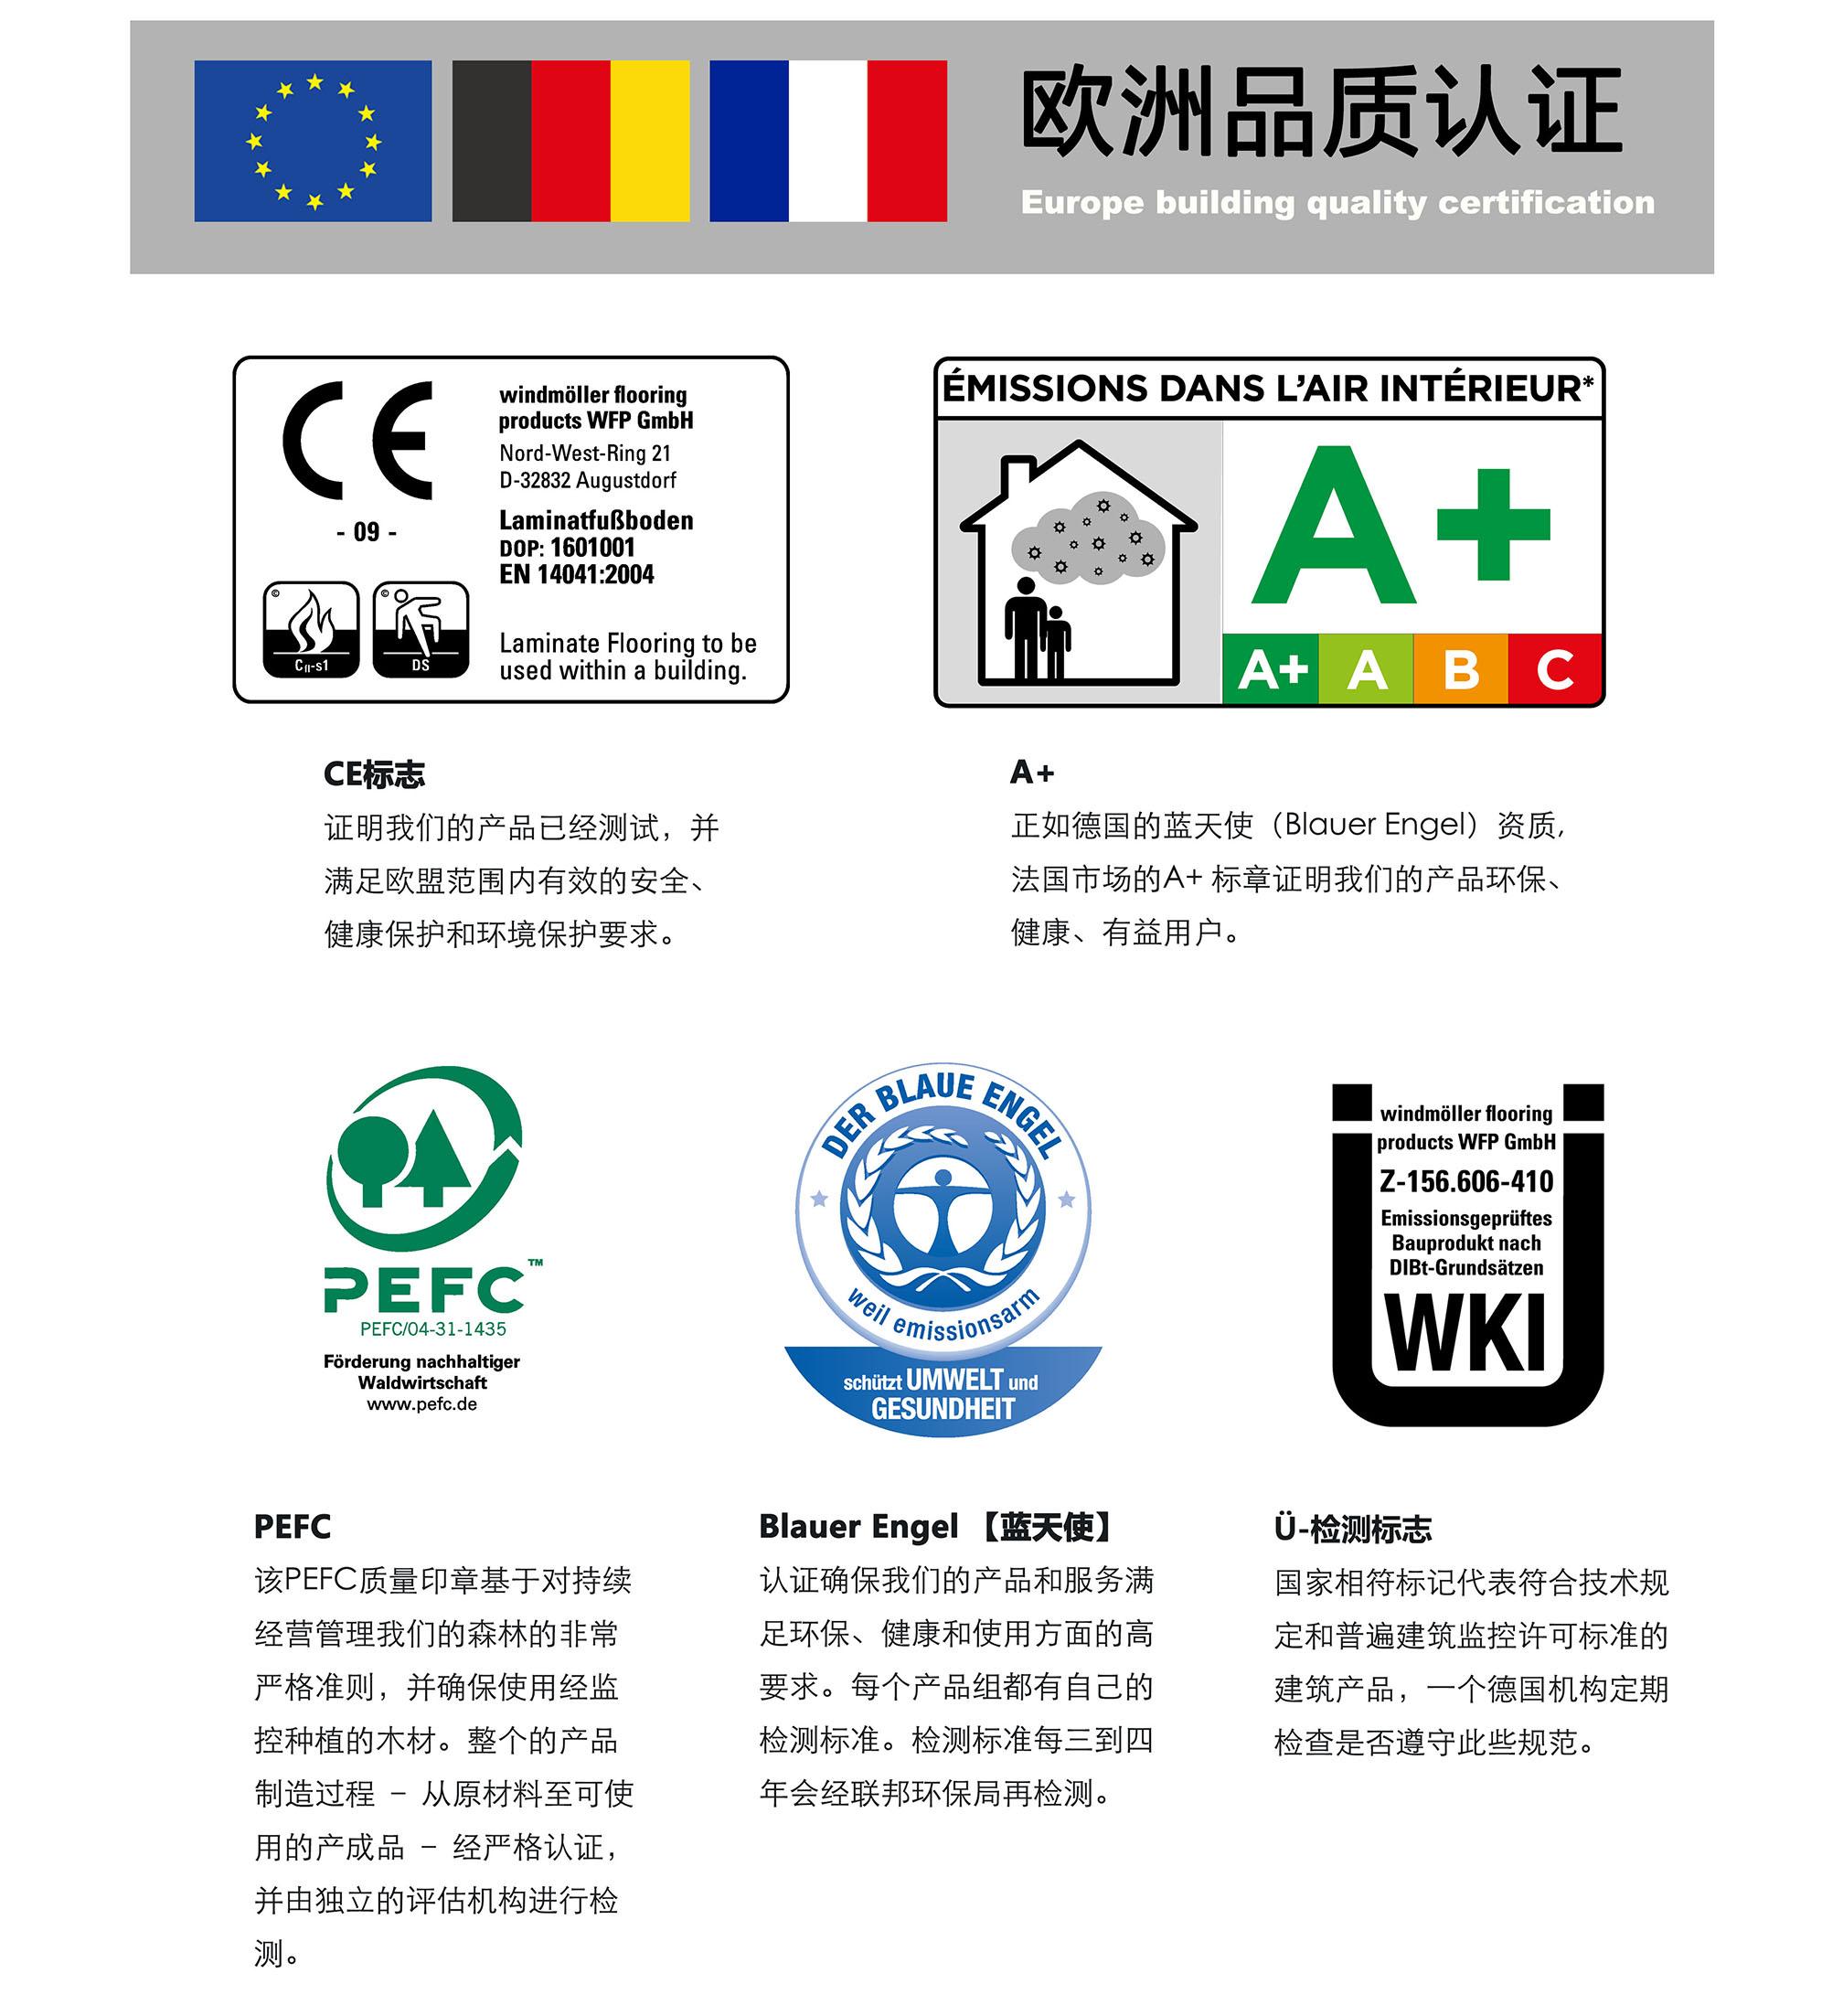 03欧盟认证.jpg